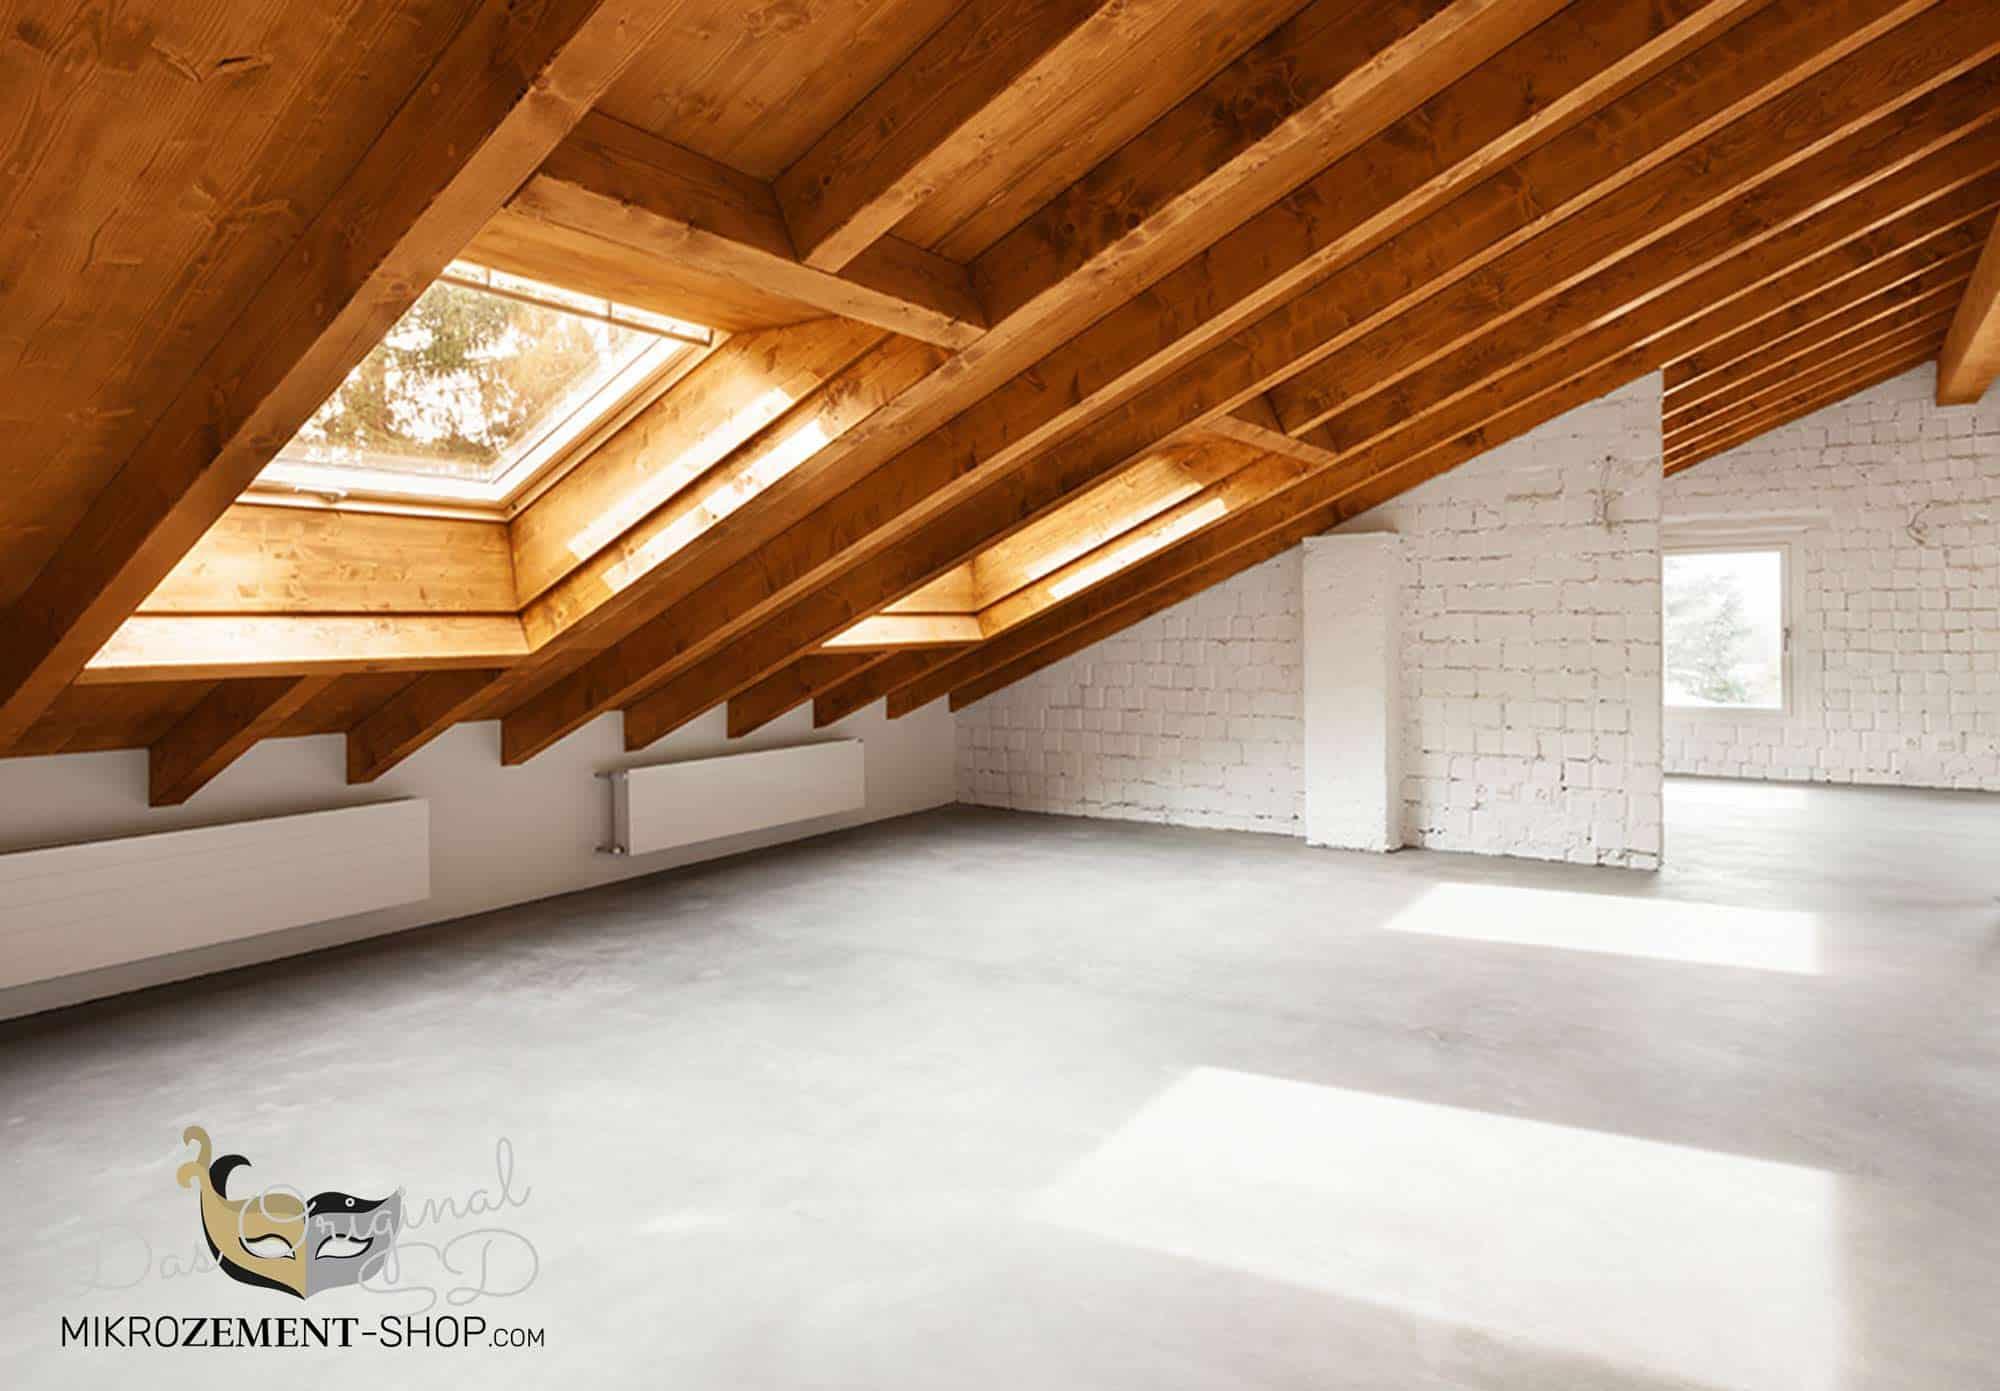 Mikrozement auf dem Dachboden grauer fugenloiser Boden